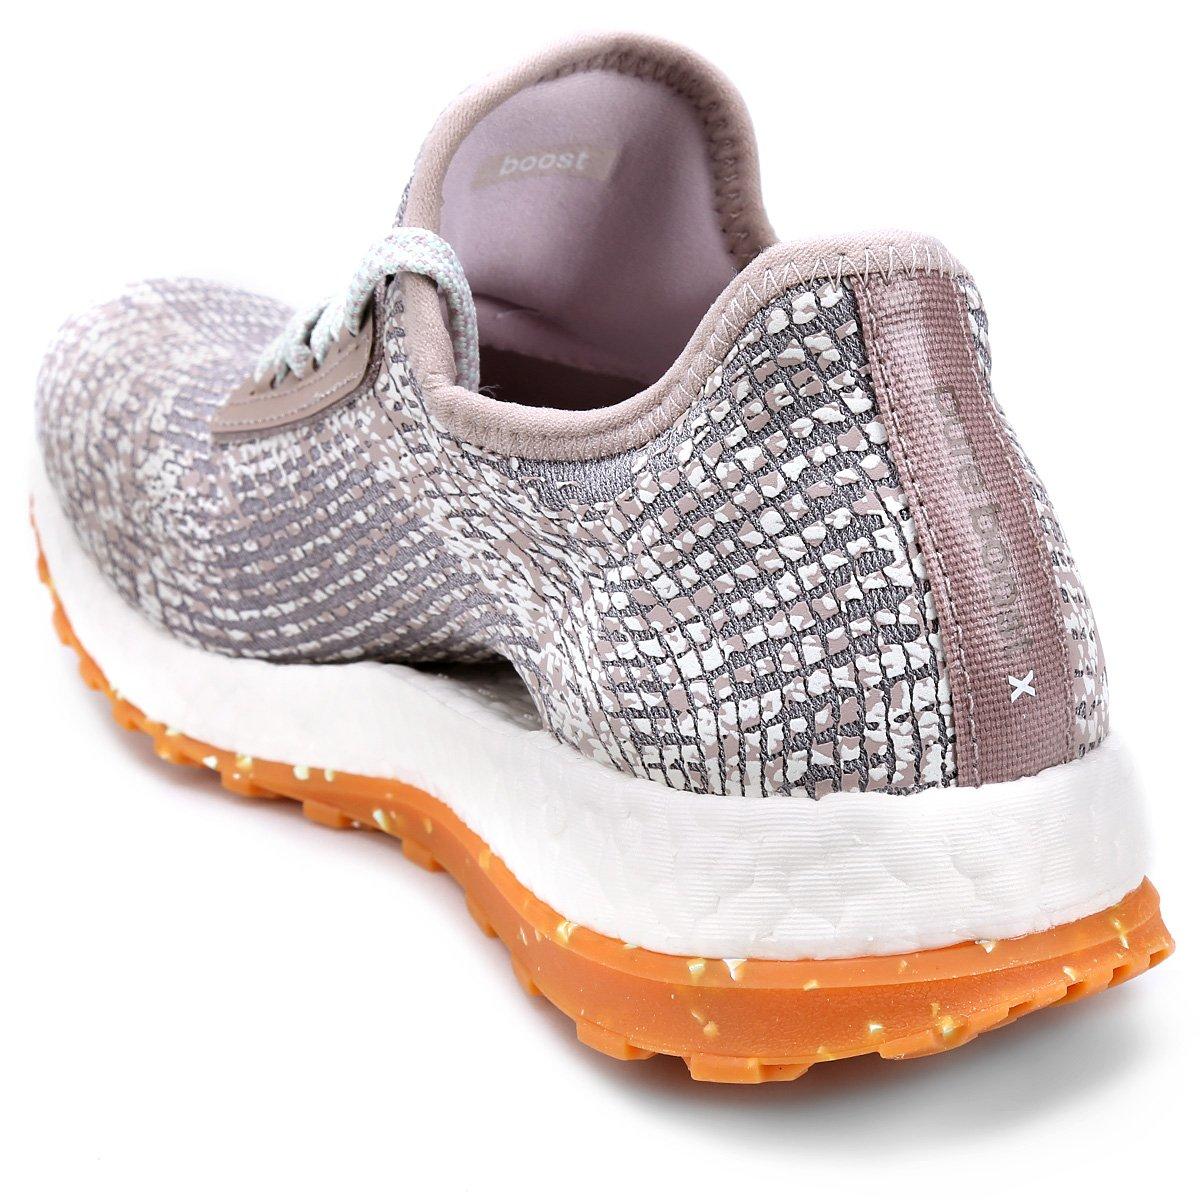 01e778fcc8 Tênis Adidas Pure Boost X - Compre Agora